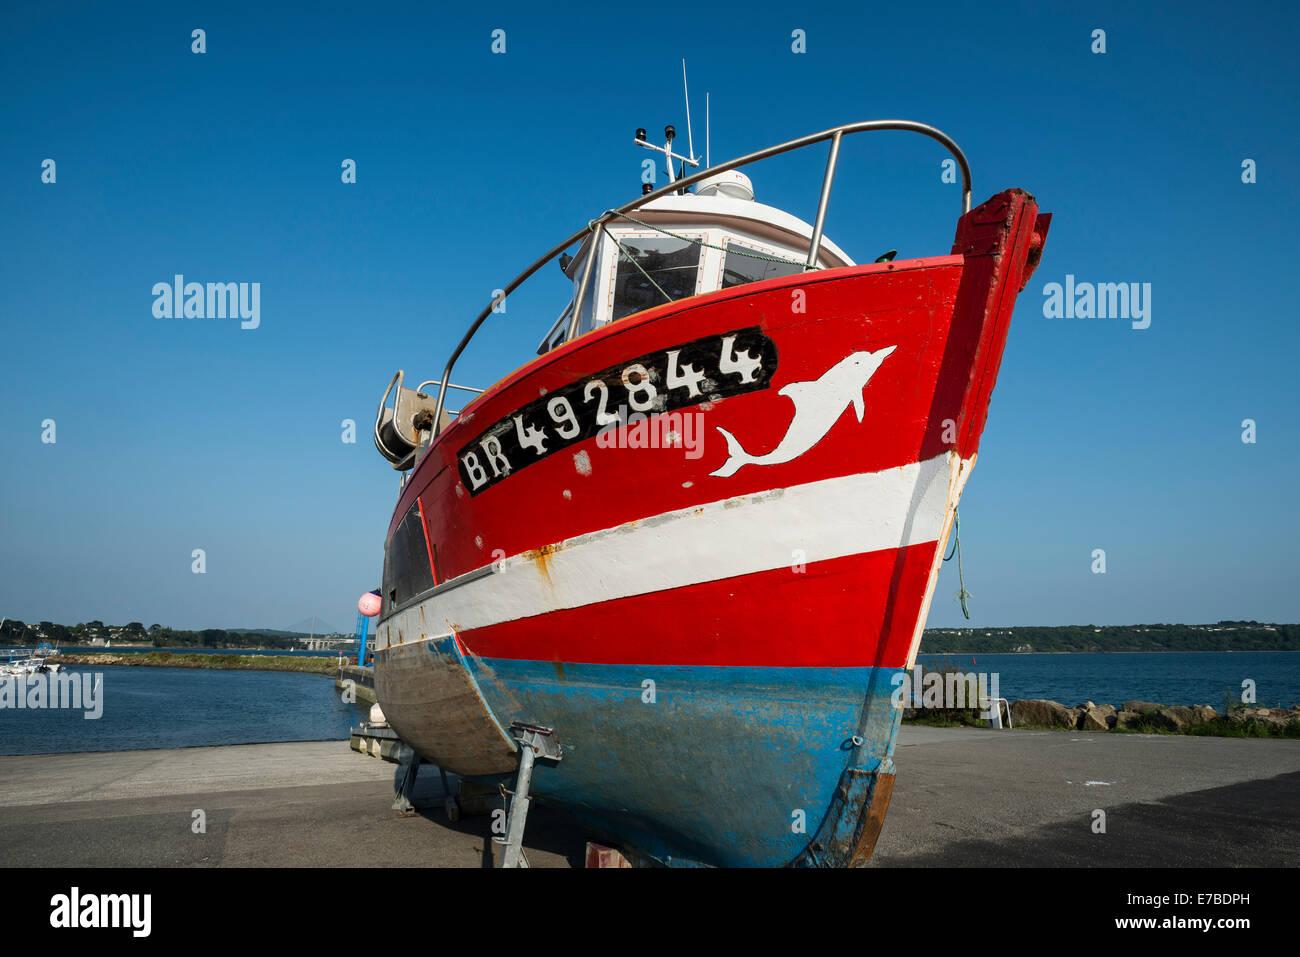 Bateau de pêche à la jetée, Brest, Bretagne, France Photo Stock